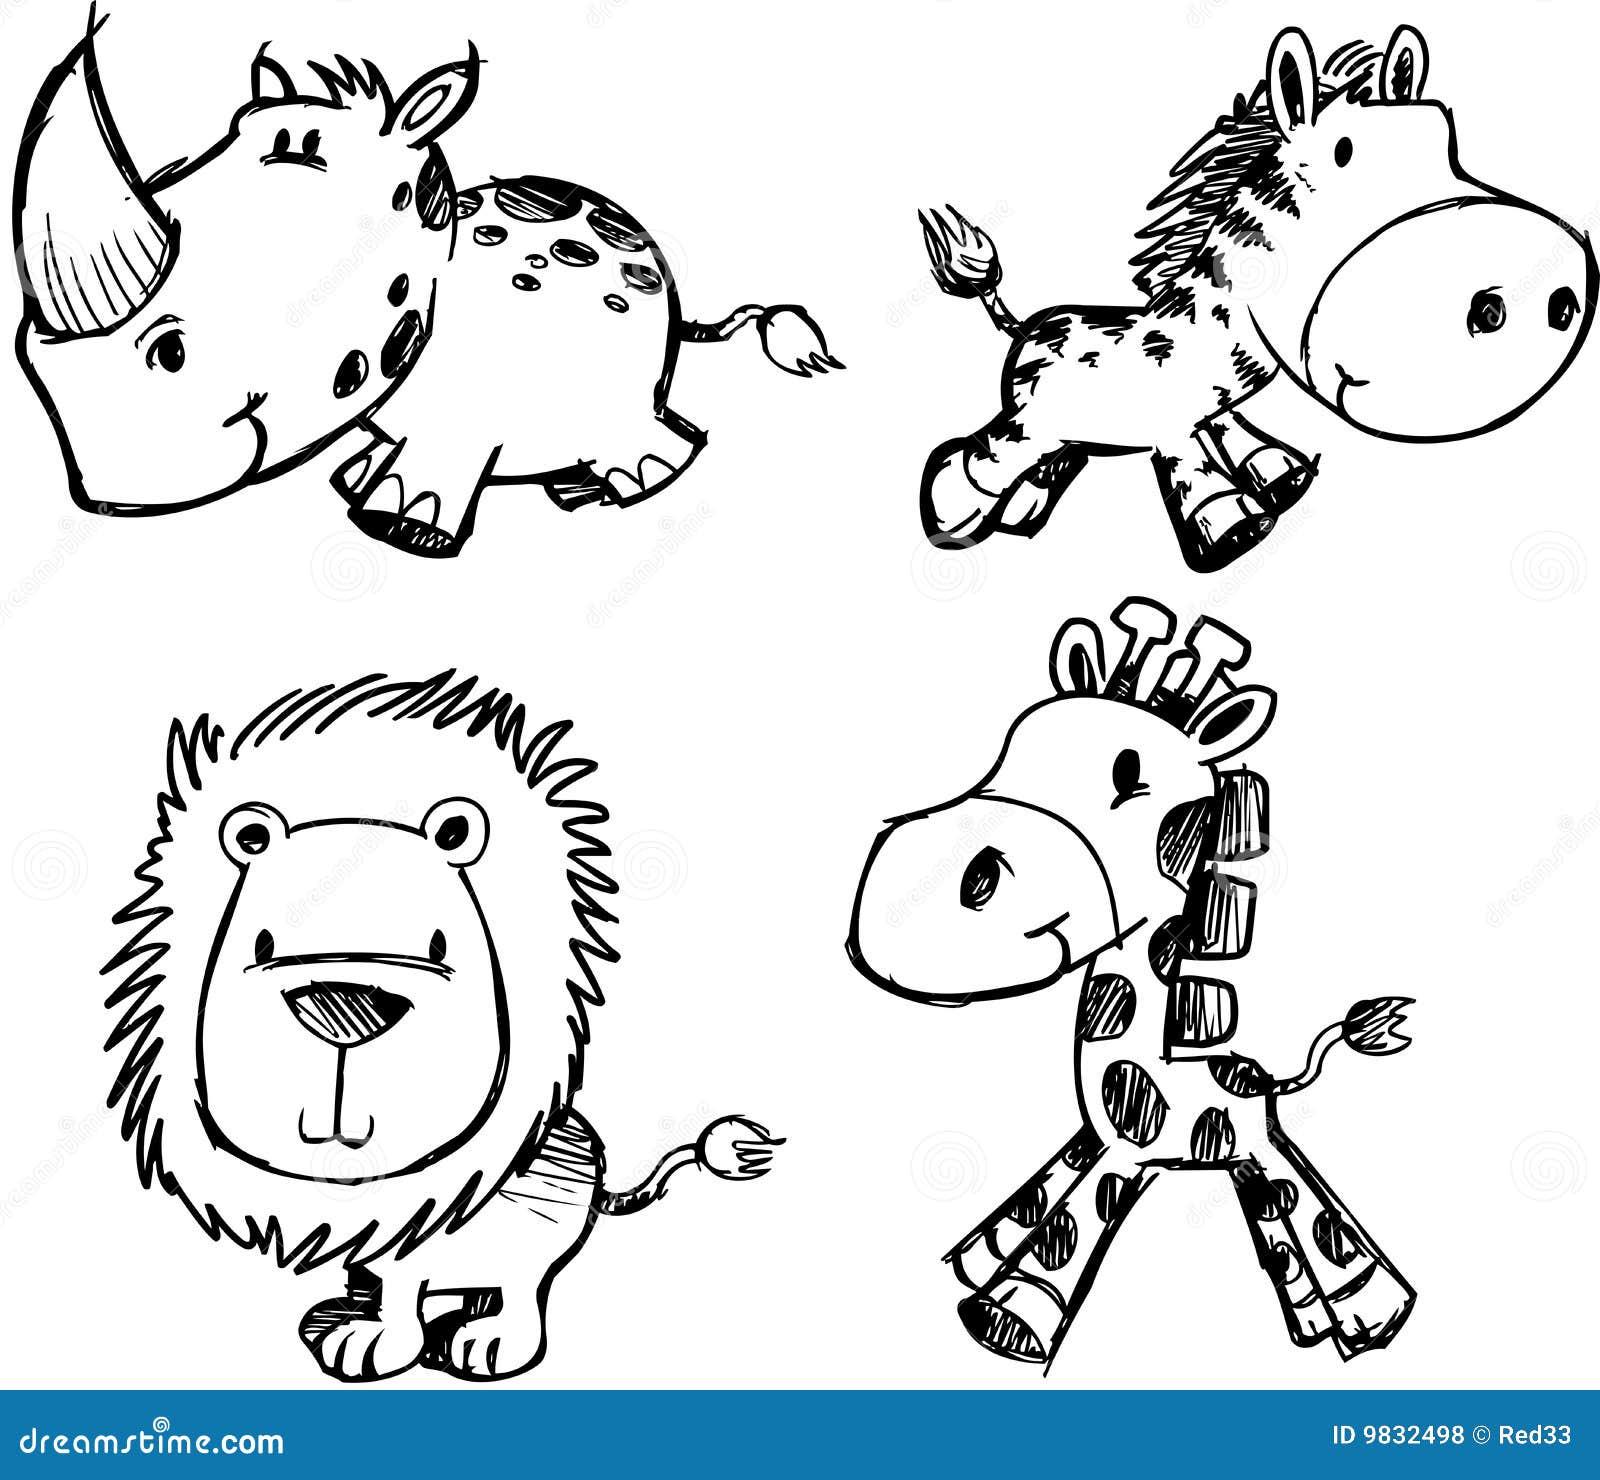 Cute Animal Drawings